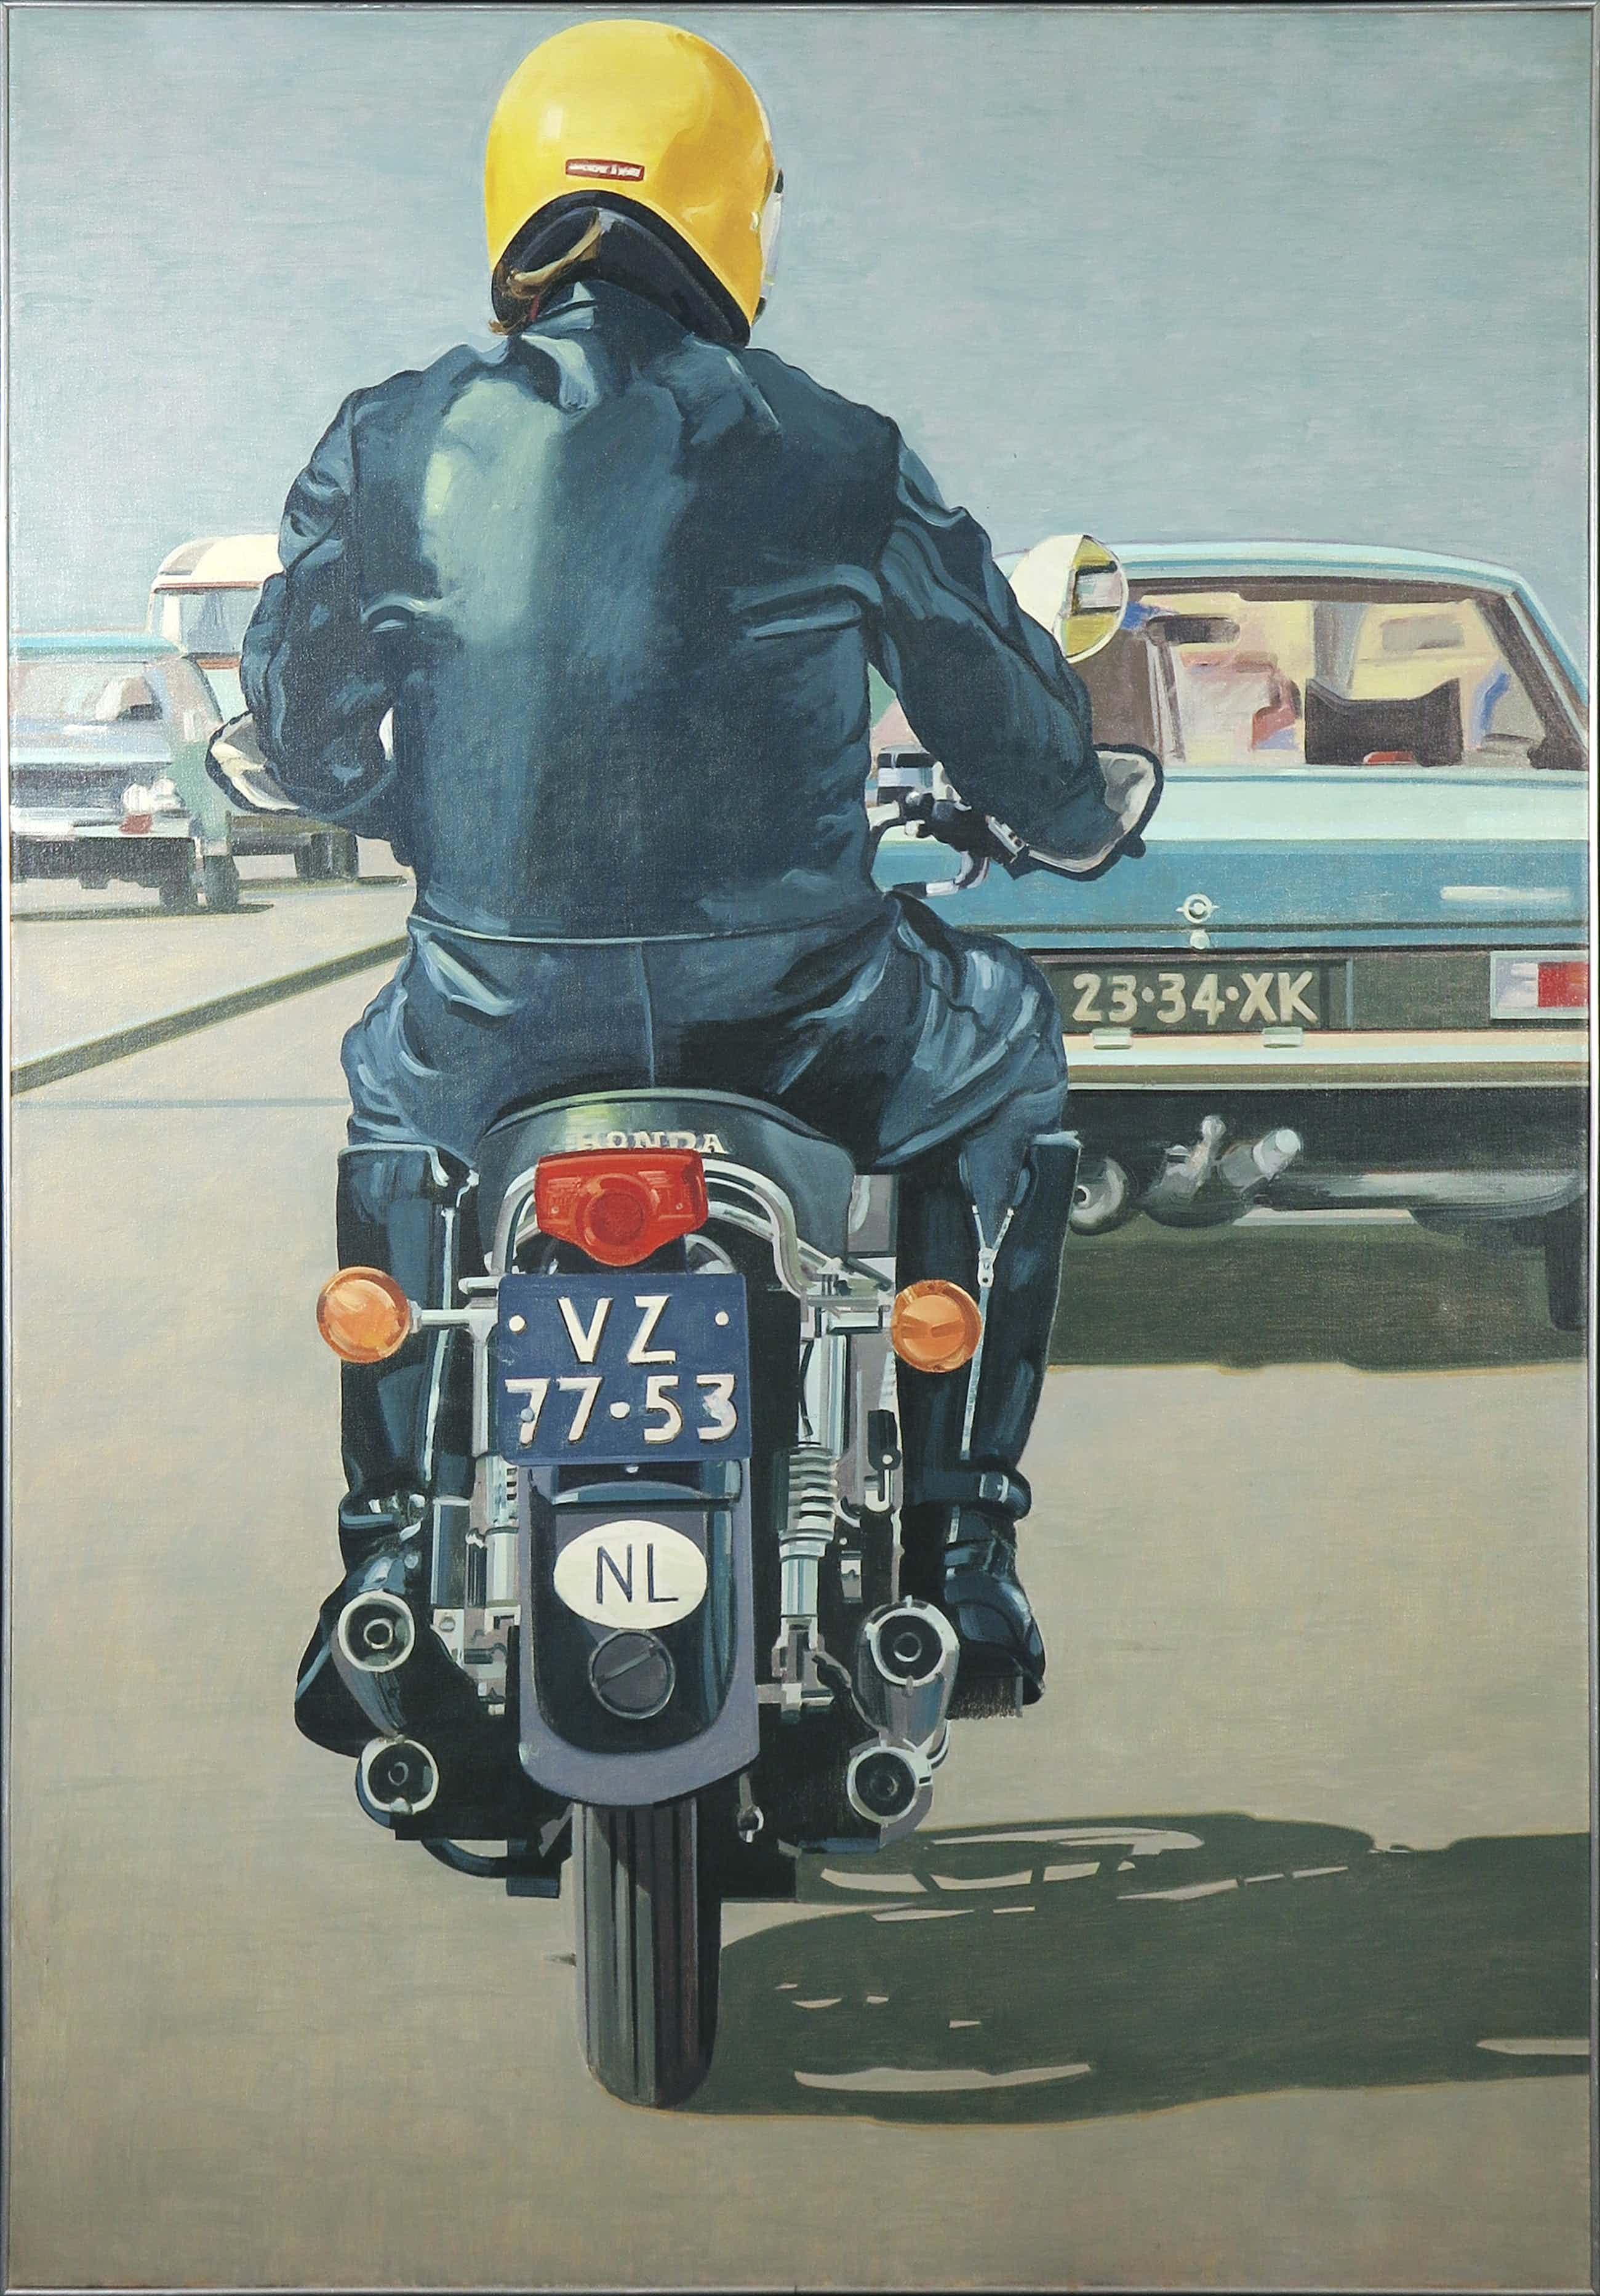 Jurjen de Haan - Olieverf op doek, Motorrijder / Groot fotorealistisch werk uit 1975 - Ingelijst kopen? Bied vanaf 730!